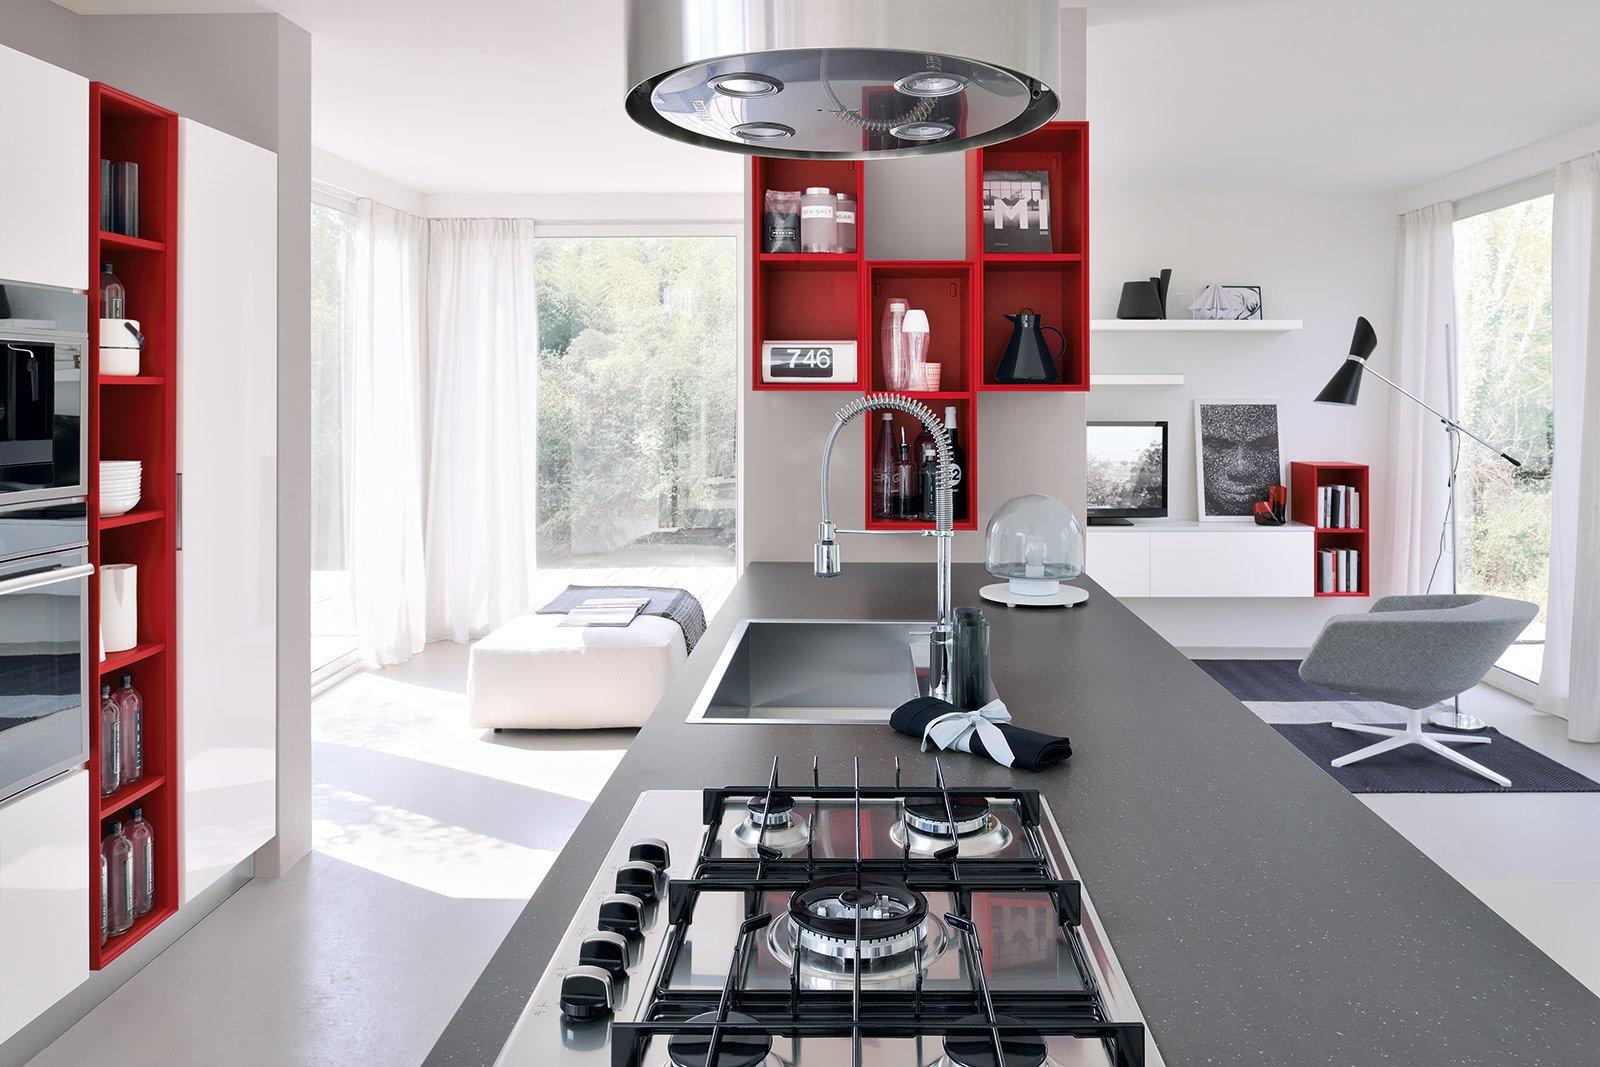 Cucina che moduli scelgo per la dispensa cose di casa - Cucine a giorno ...